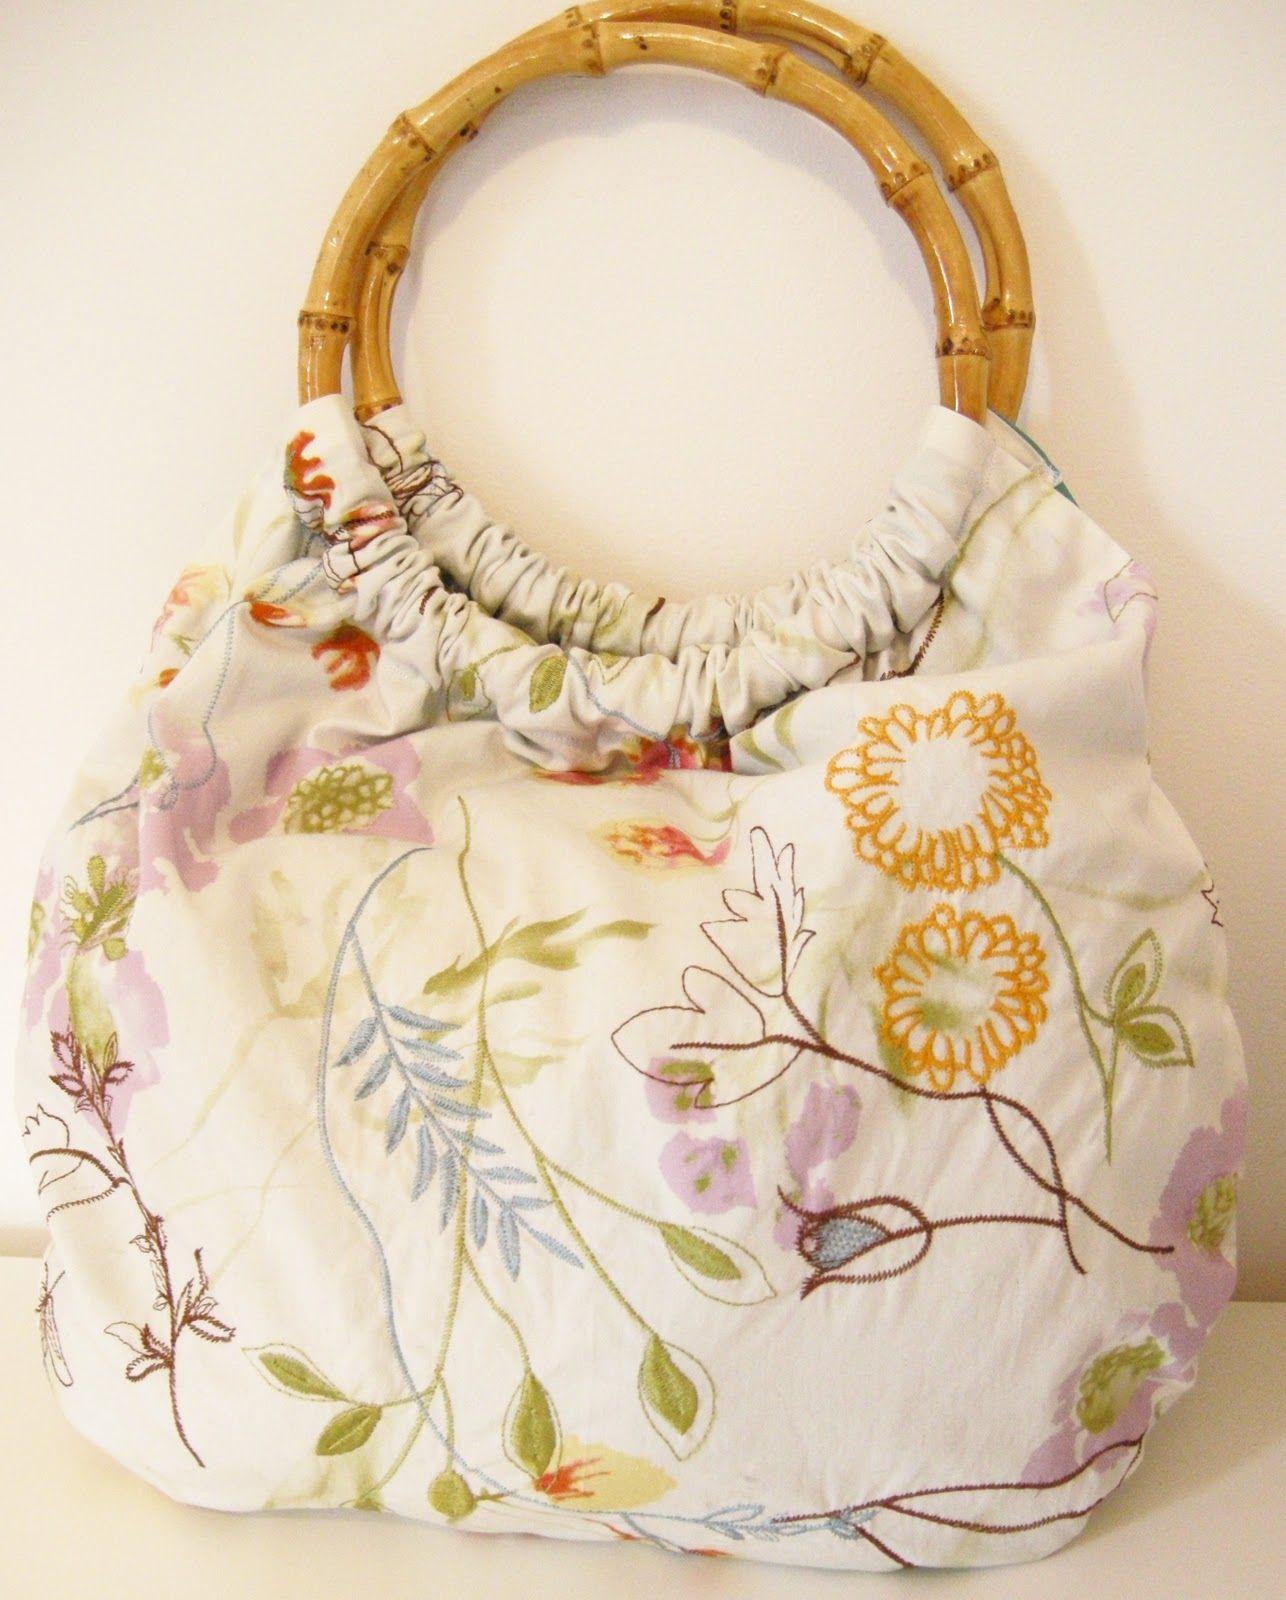 Diy Purse Handbag Handmade Embroidered Fabric Round